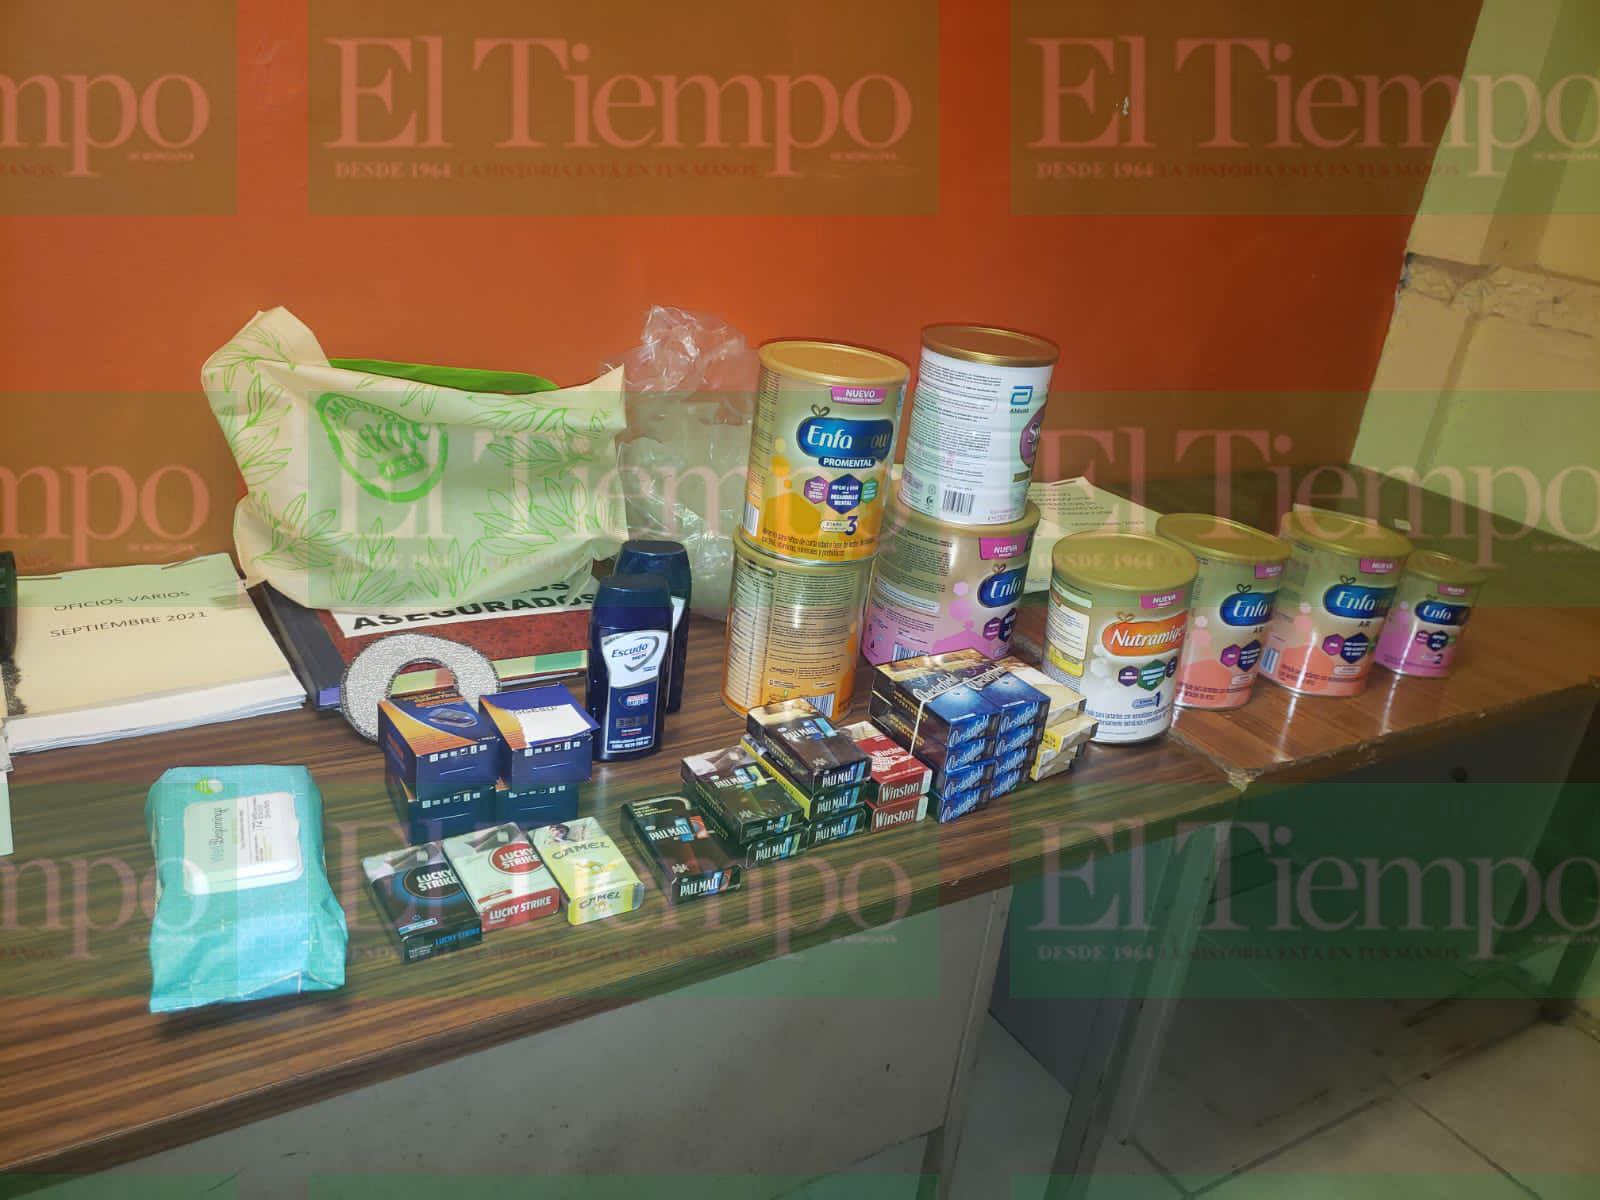 Autoridades sorprenden a ladrón al interior de farmacia en Monclova